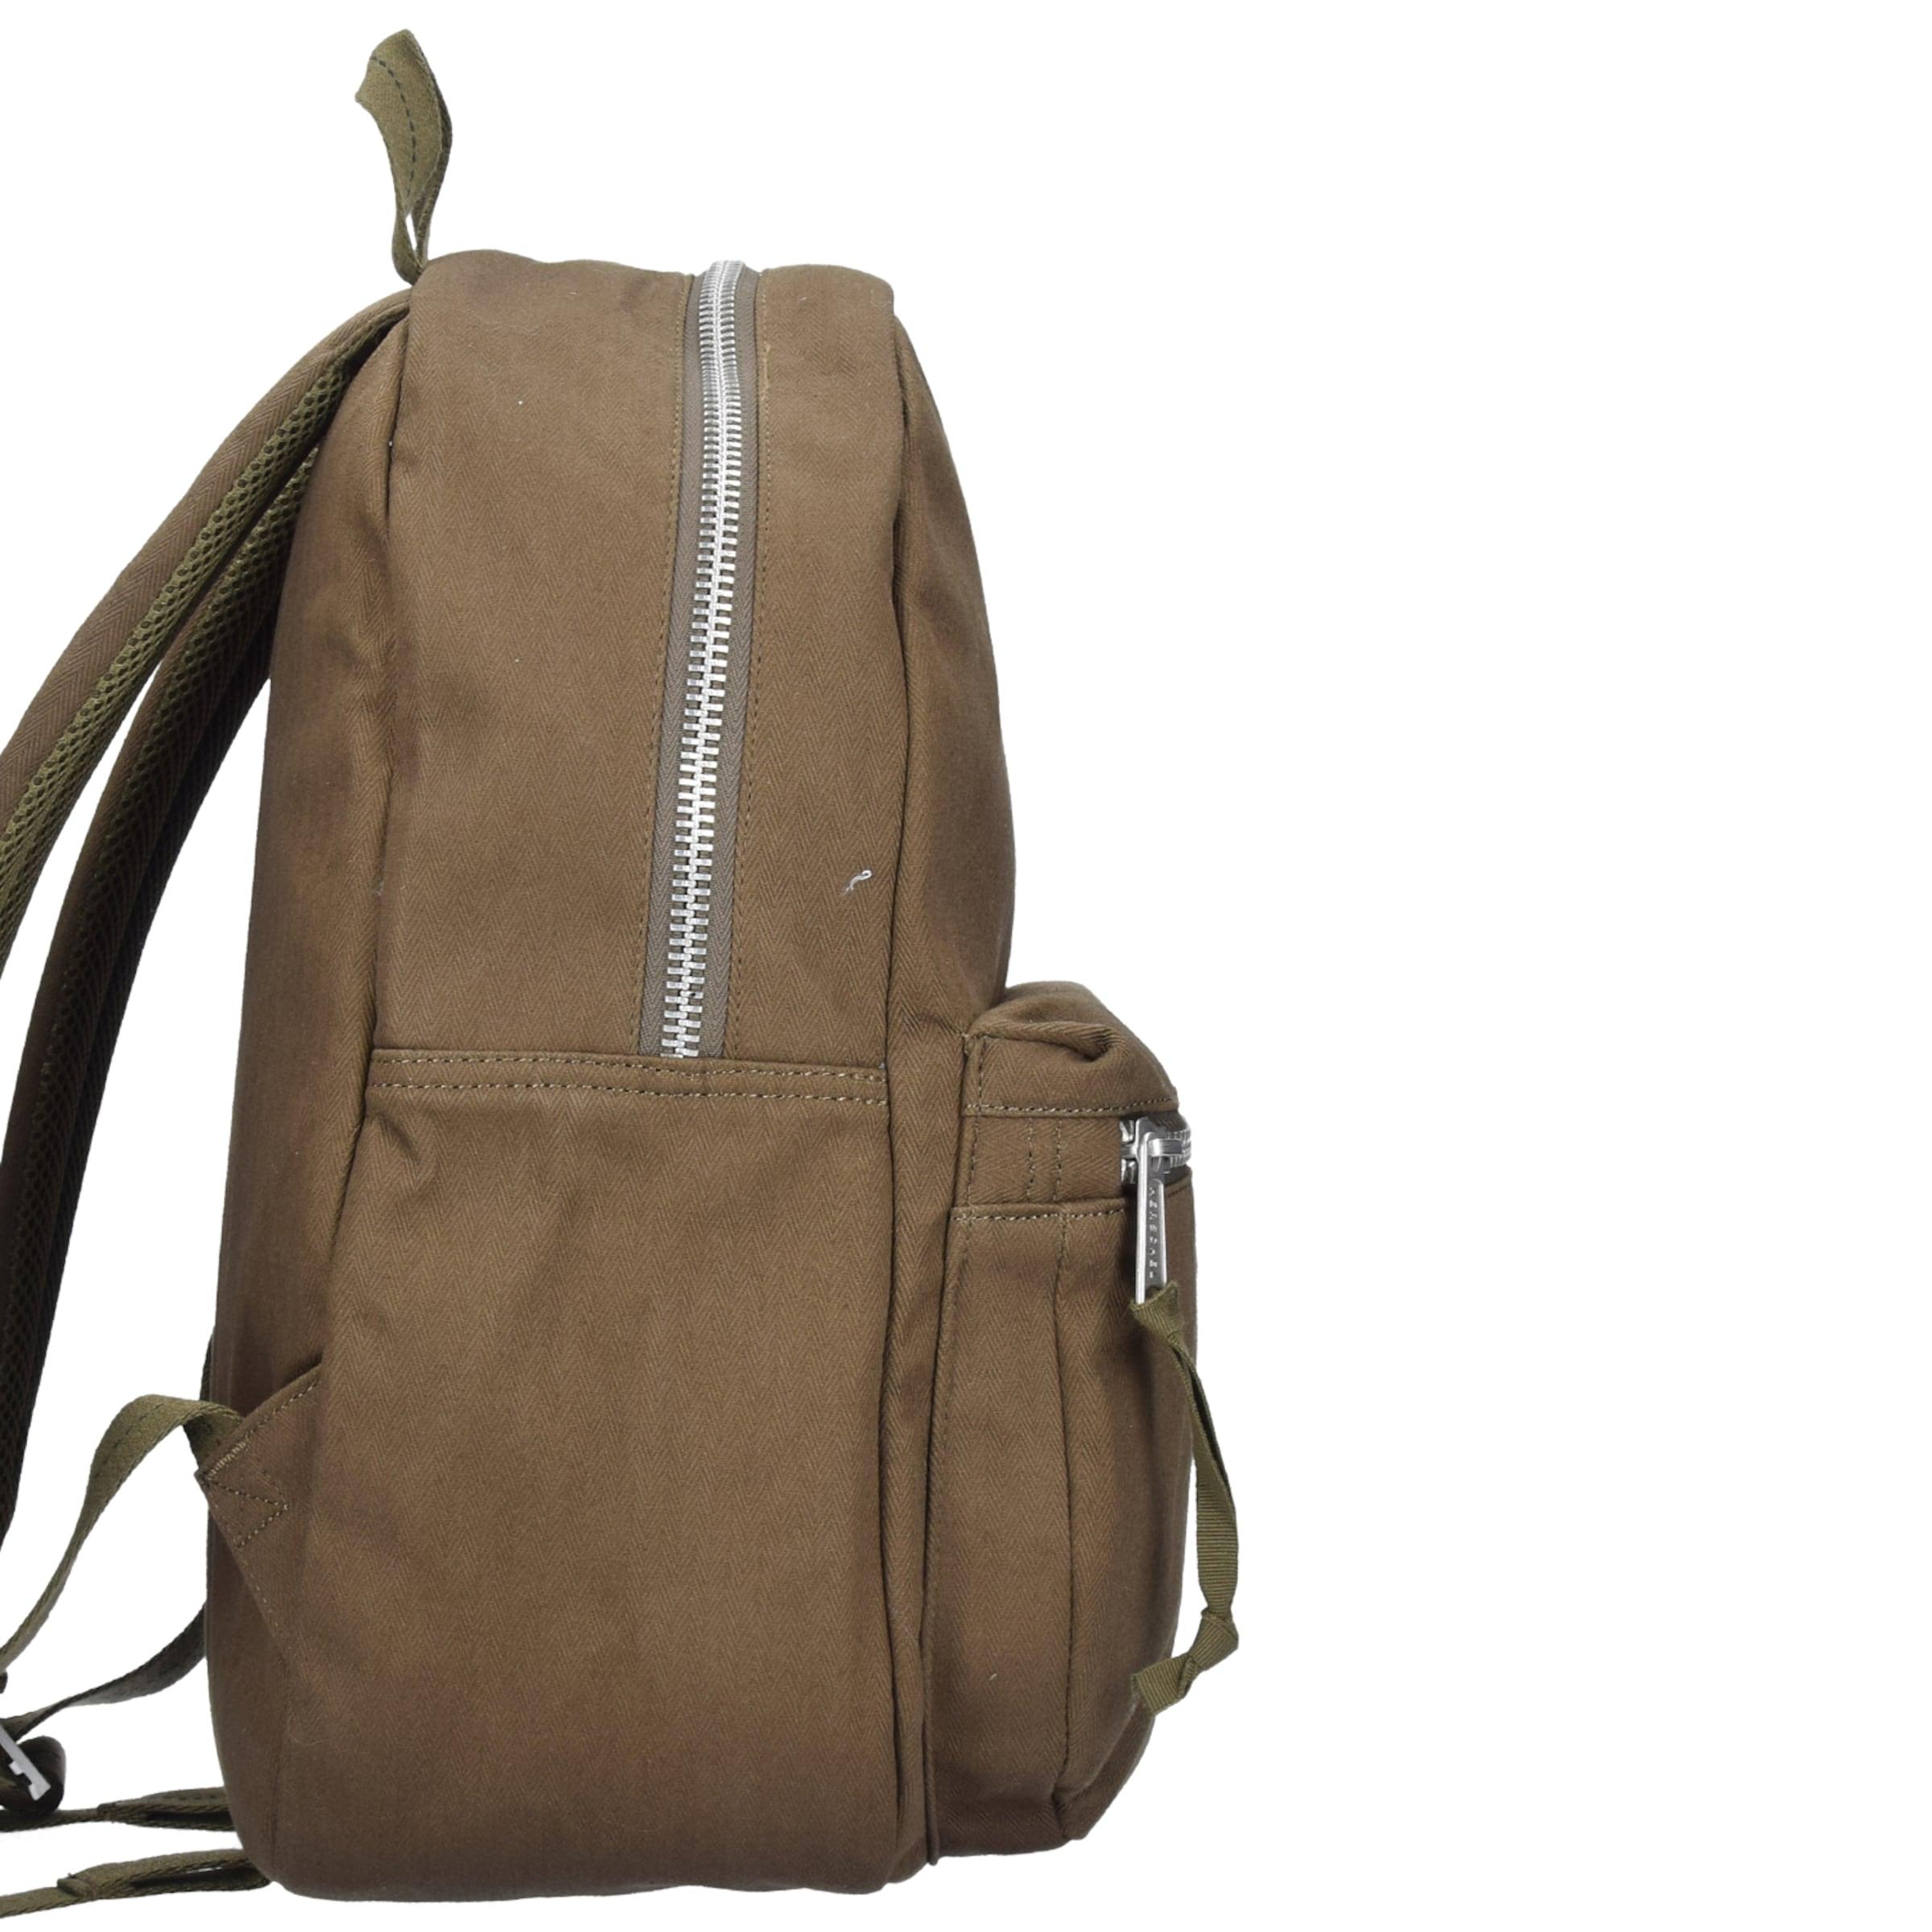 Herschel Lawson Rucksack 42 cm Laptopfach Brandneues Unisex Verkauf Online Billig Aus Deutschland Erscheinungsdaten z63Qtz9